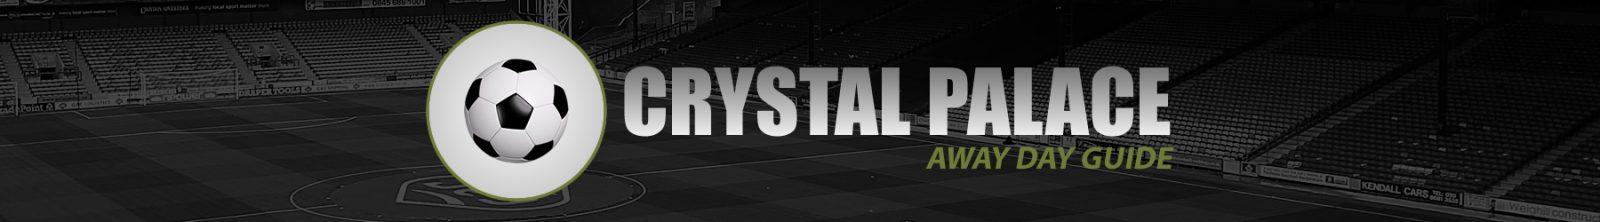 Crystal Palace Away